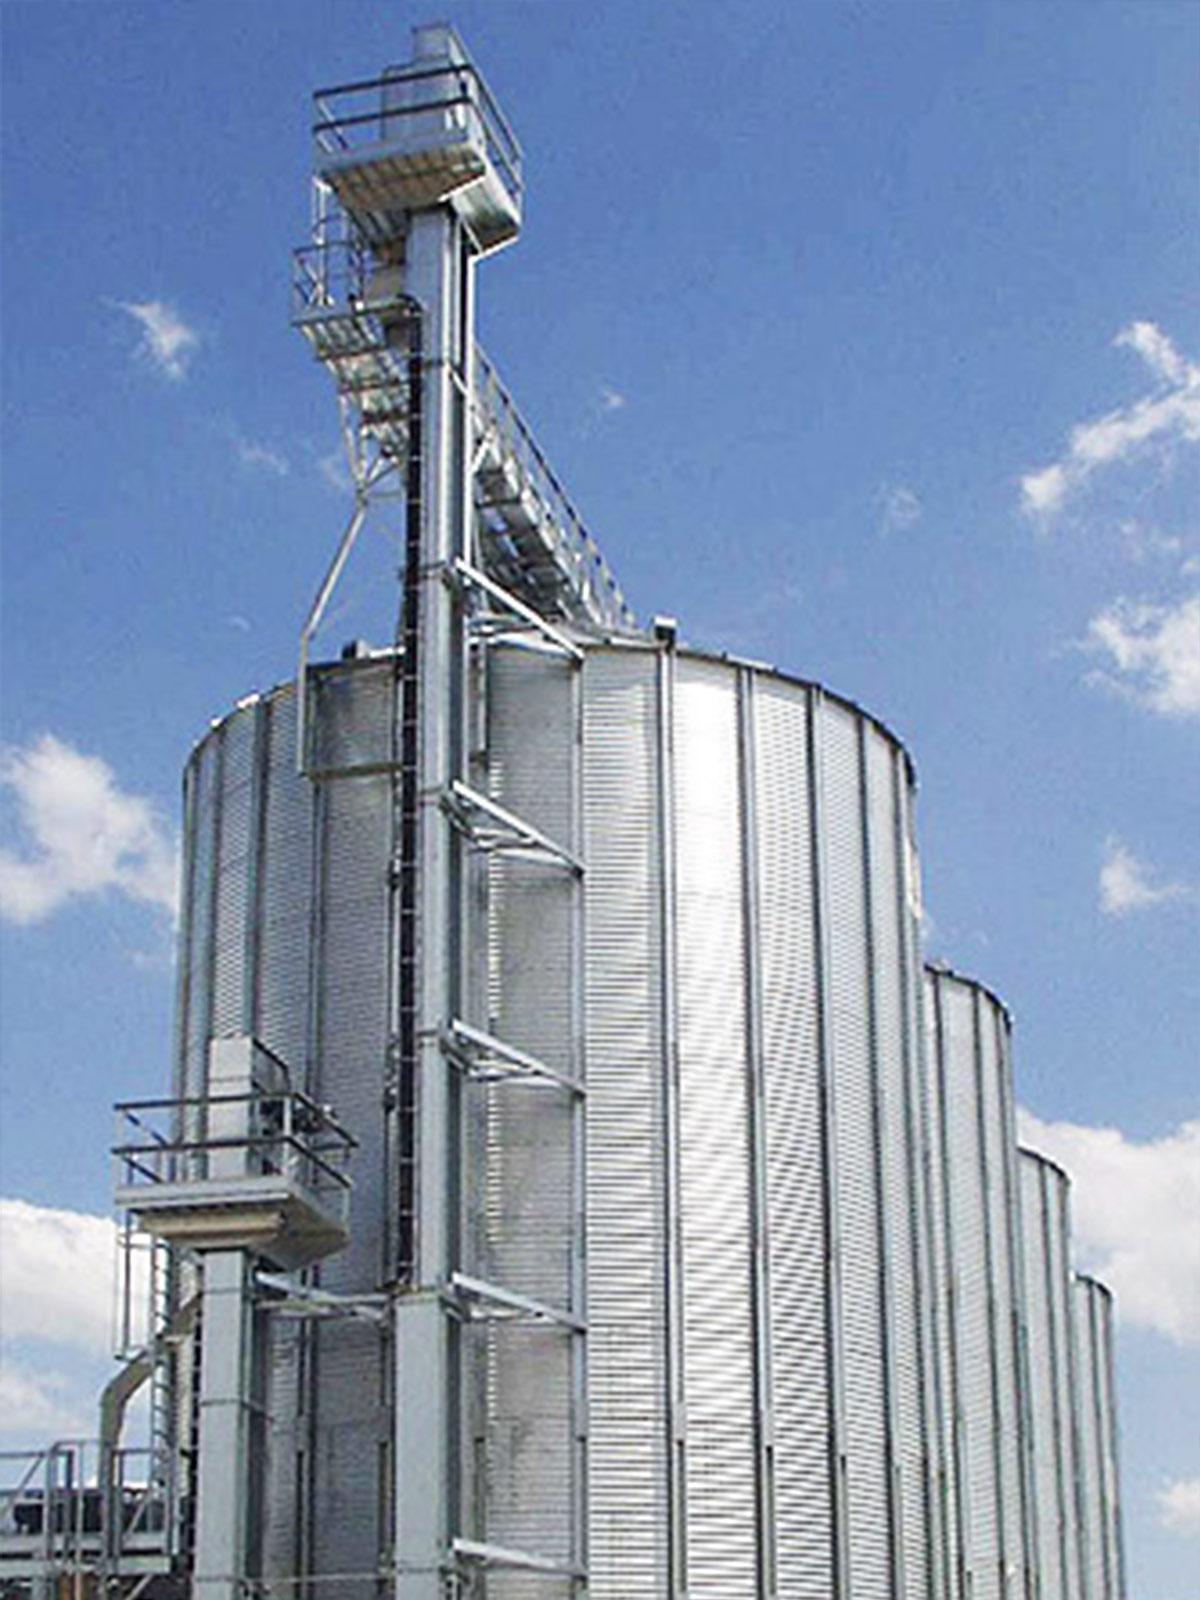 silo à grains